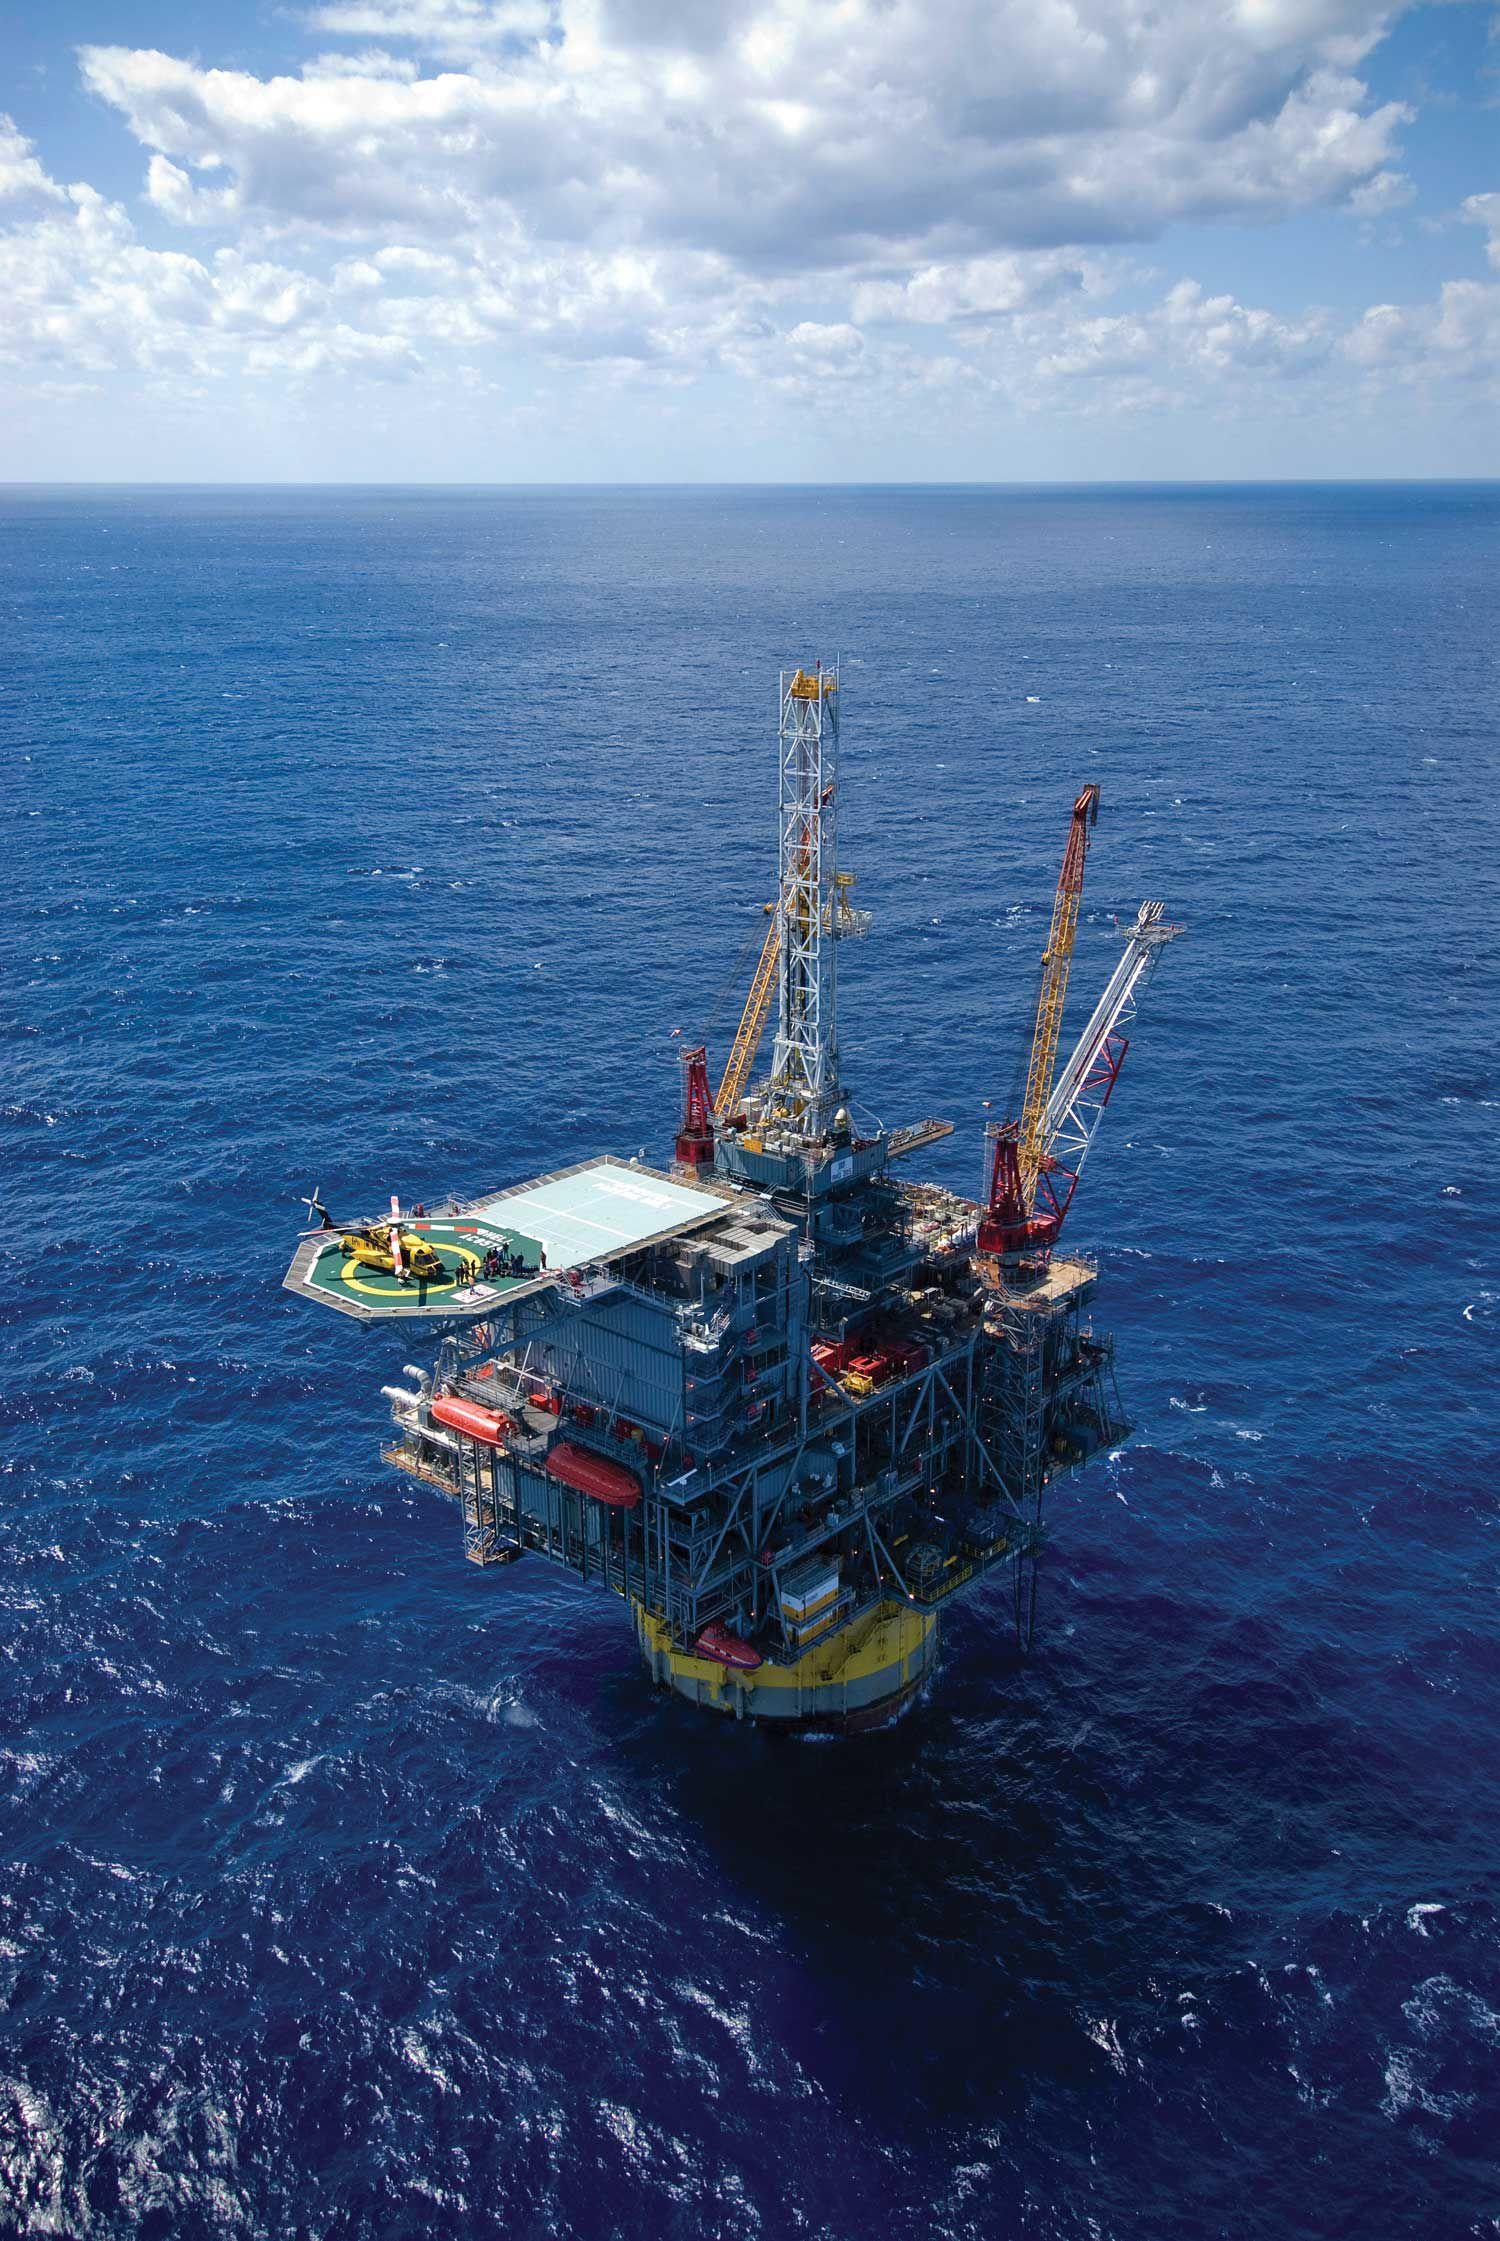 Shell's perdido spar   Oil & Gas   Oil platform, Oil tanker